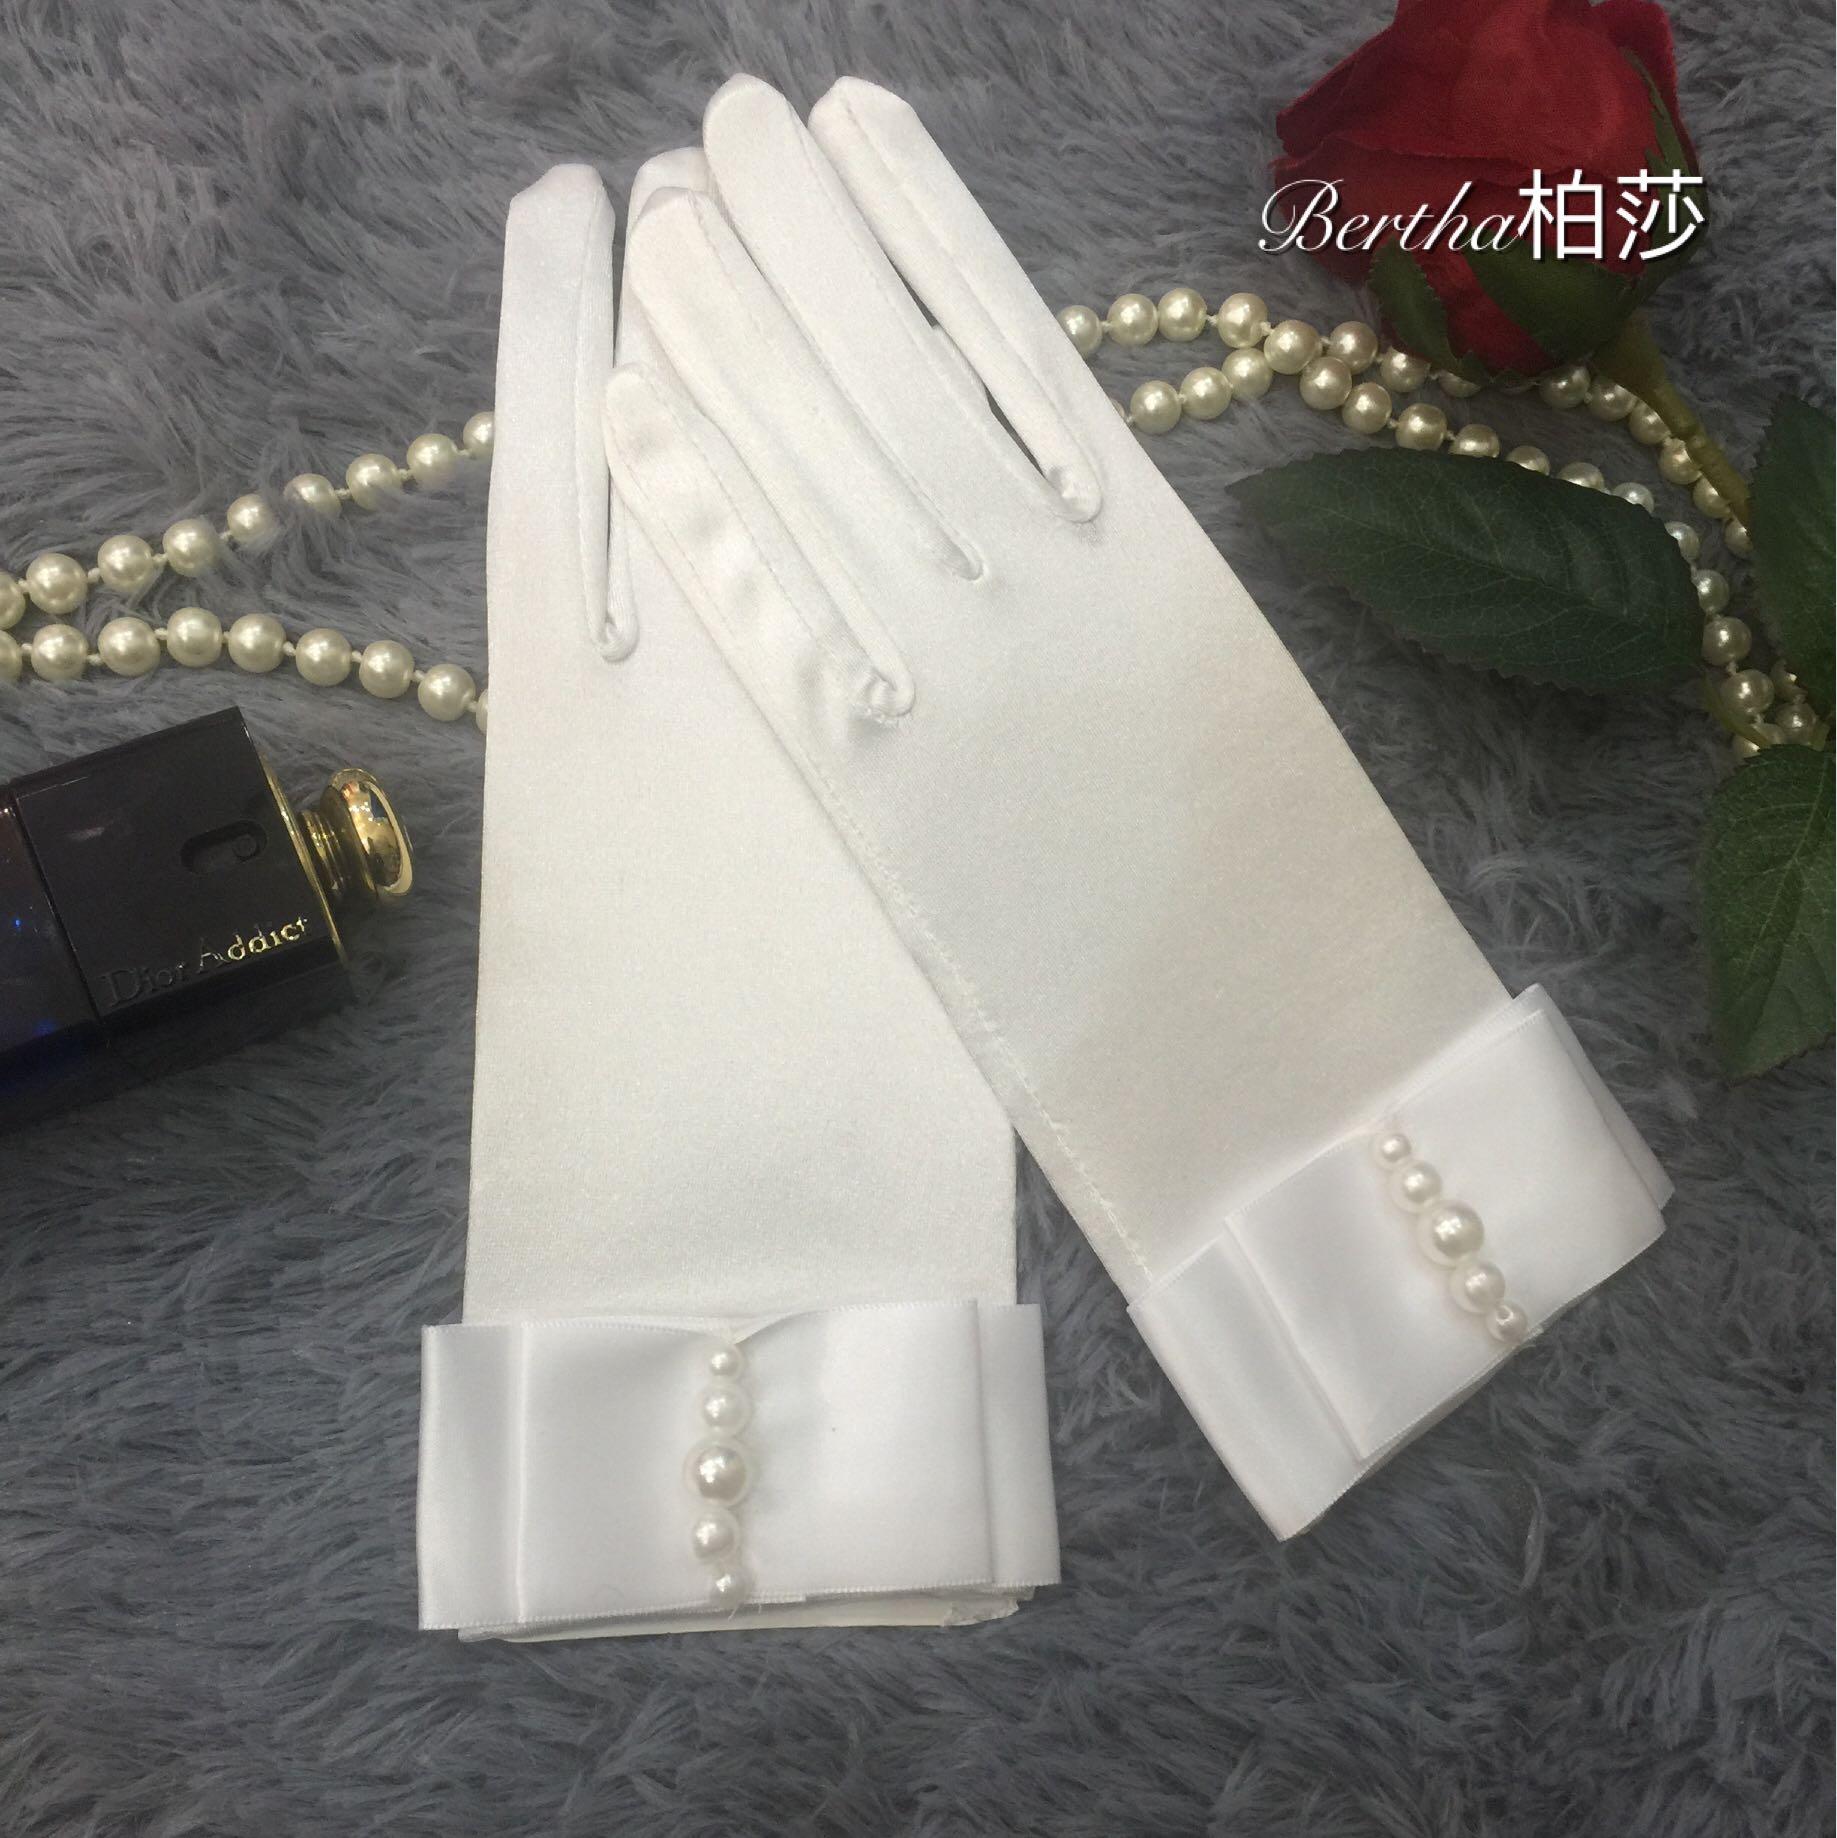 Bertha невеста кованое поверхность жемчужина хепберн ветер ретро перчатки краткое модель свадьба перчатки бесплатная доставка